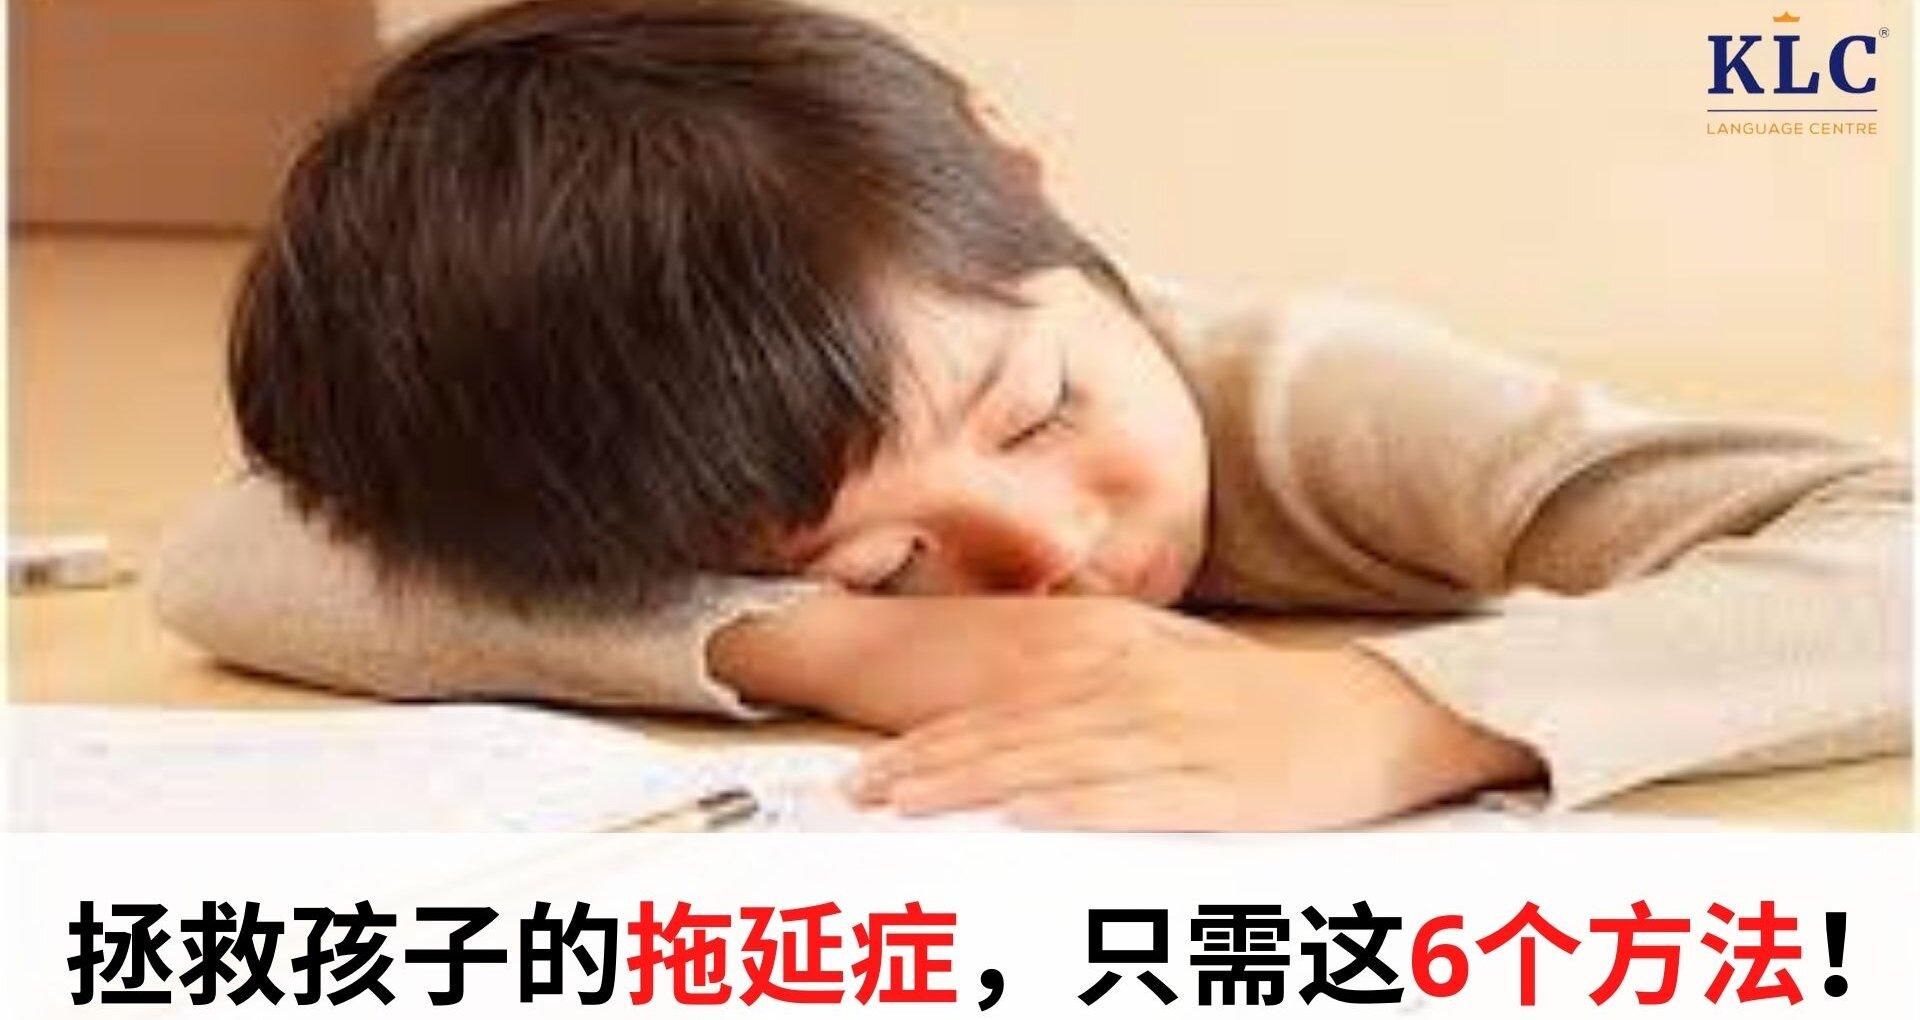 拯救孩子的拖延症,只需这6个方法!